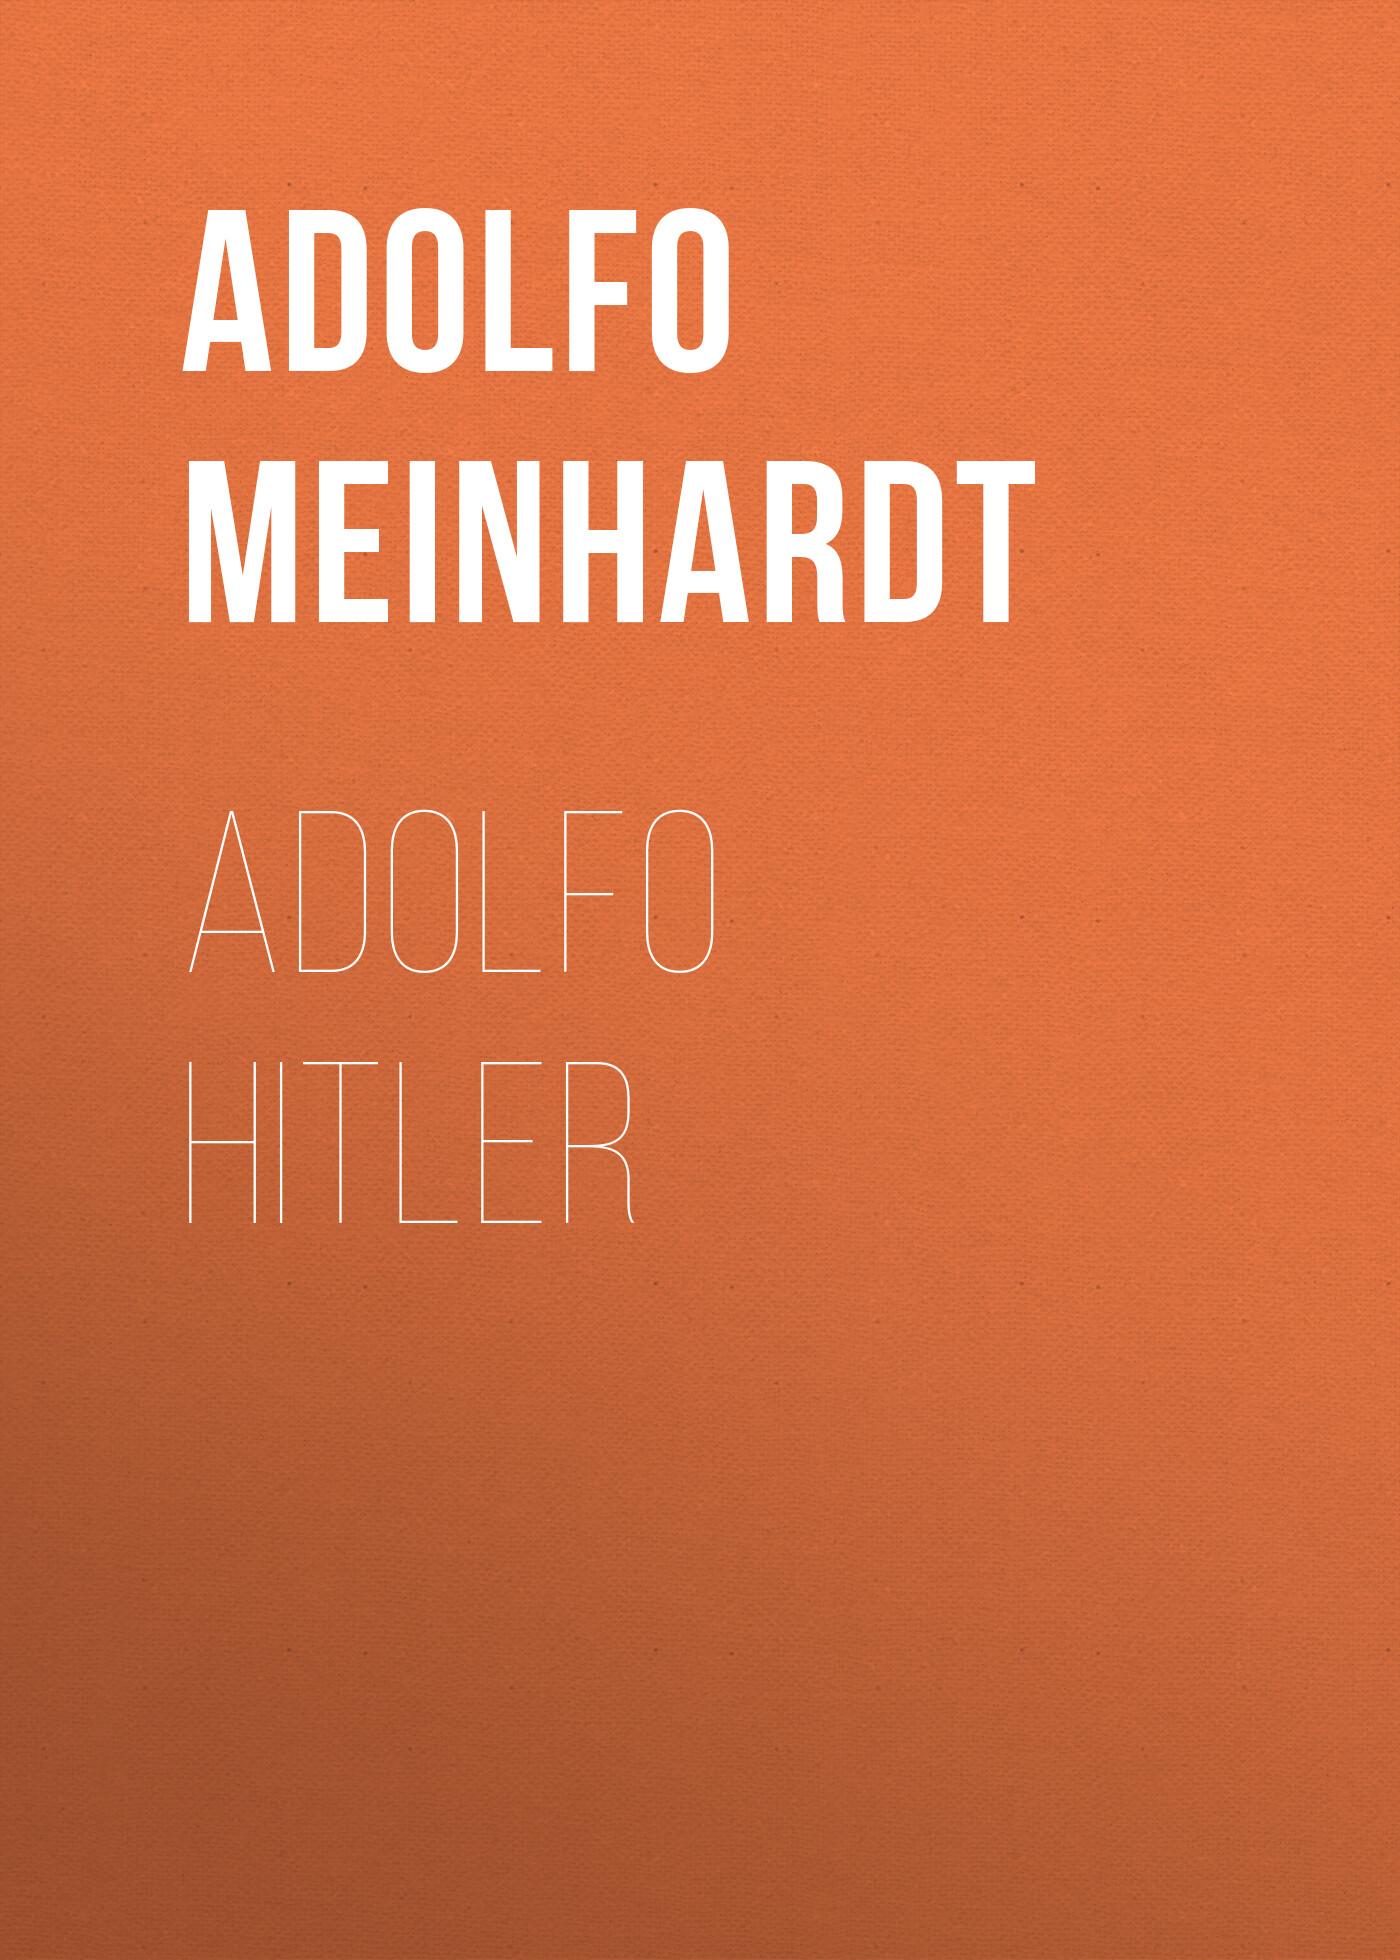 Adolfo Meinhardt Adolfo Hitler hitler